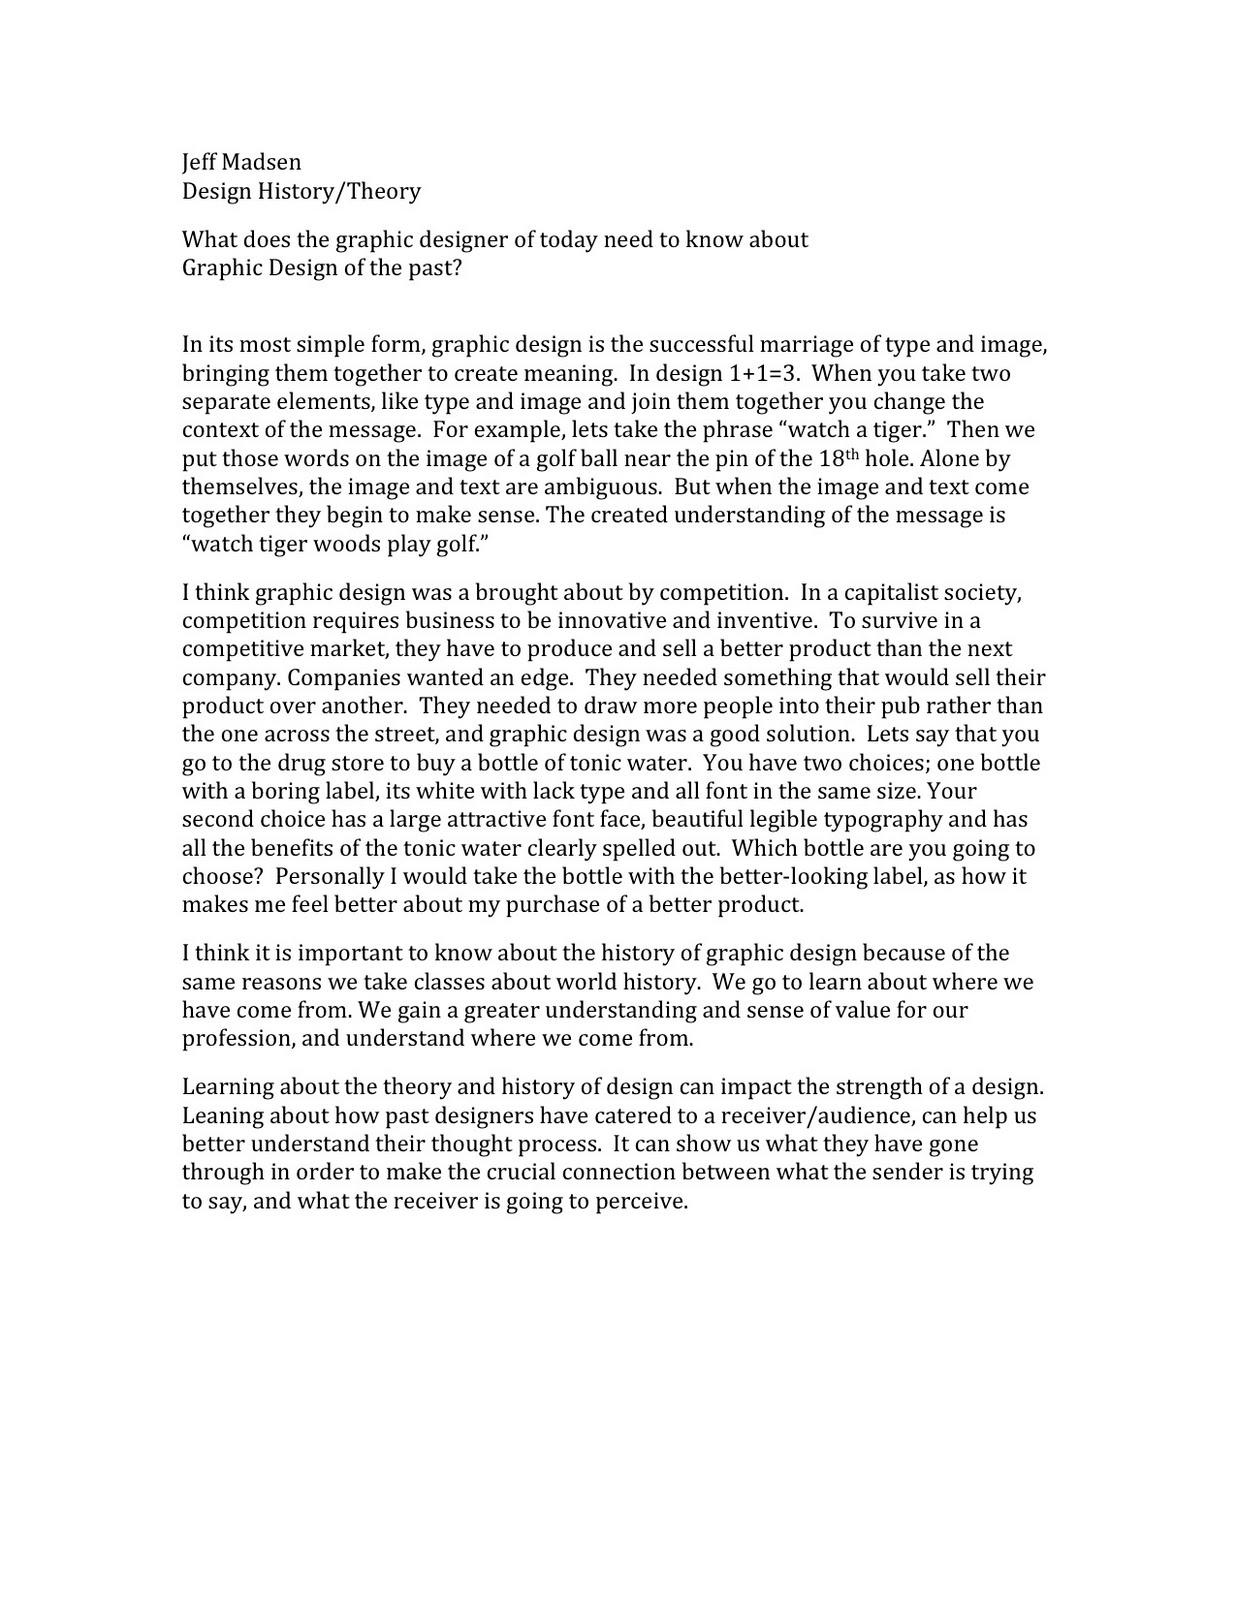 010 Essay Example Deshisessay Us History Rare Topics Ap Regents Dbq All Thematic Full